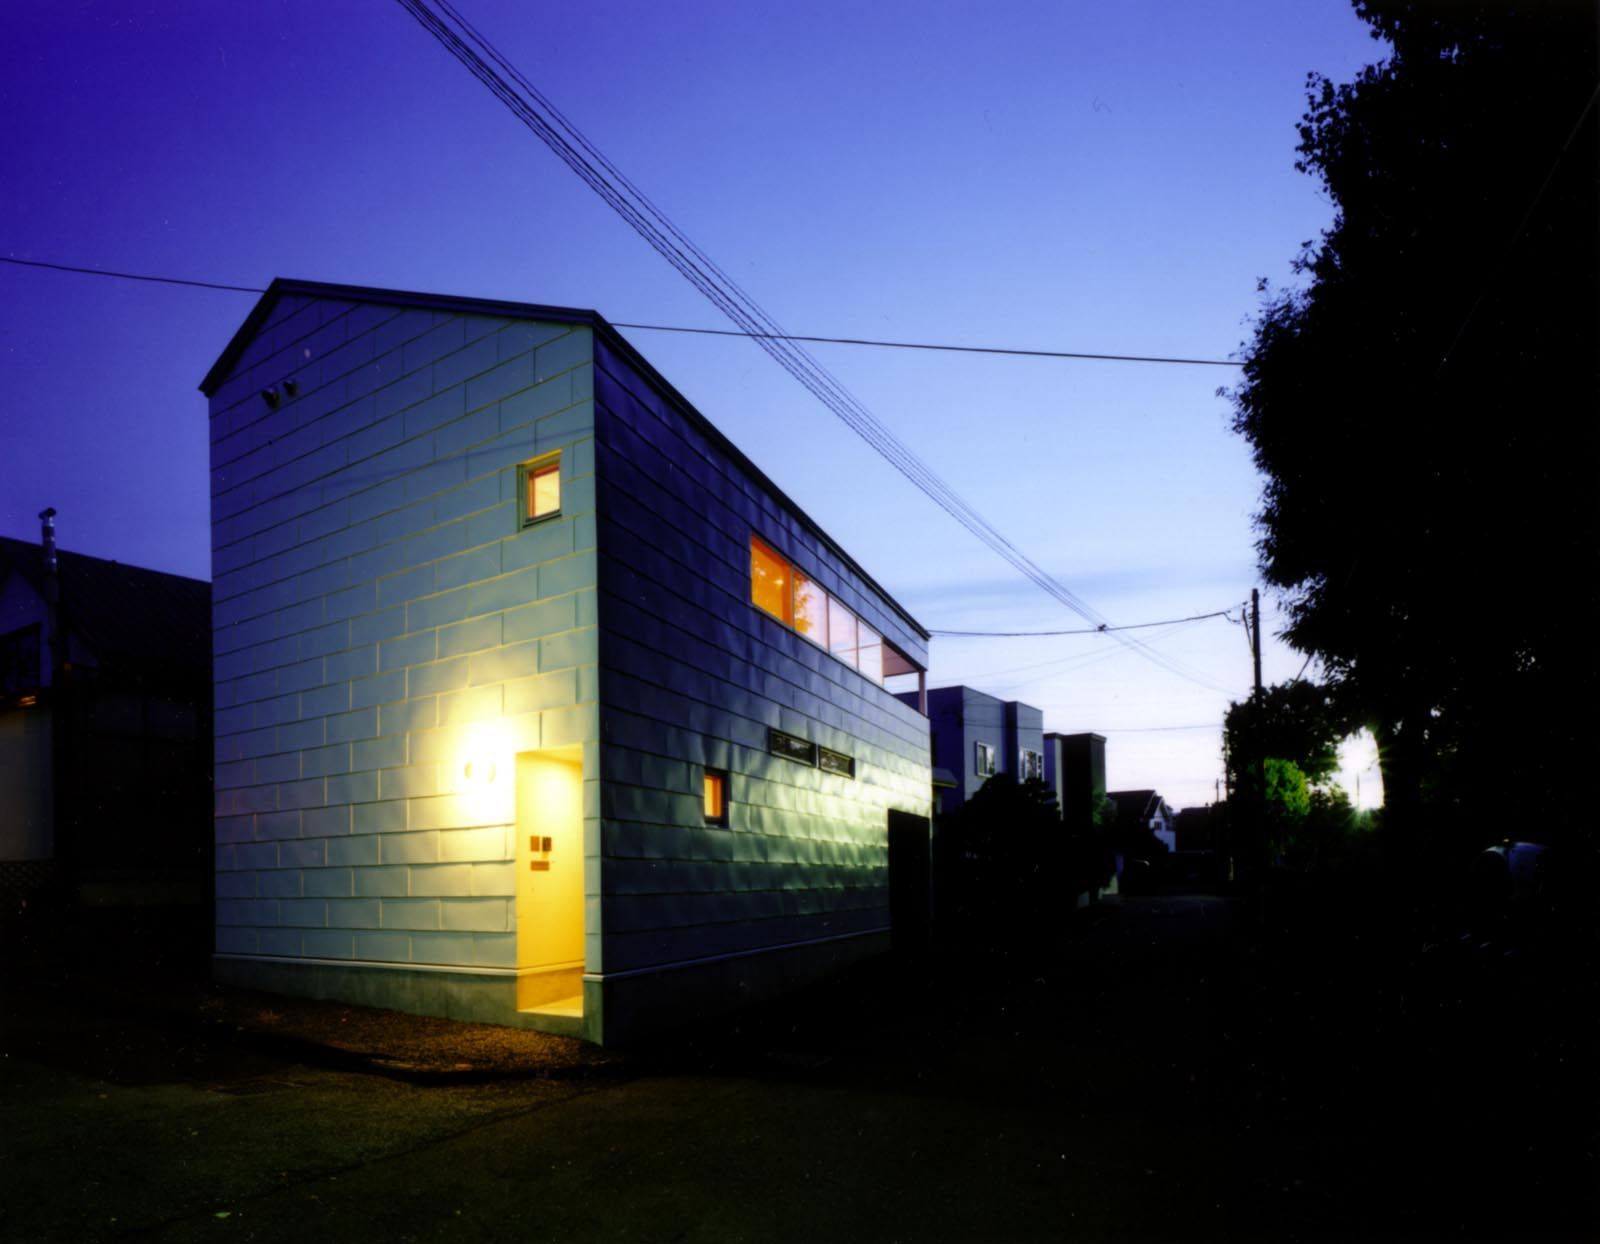 澄川の家 - 札幌/北海道